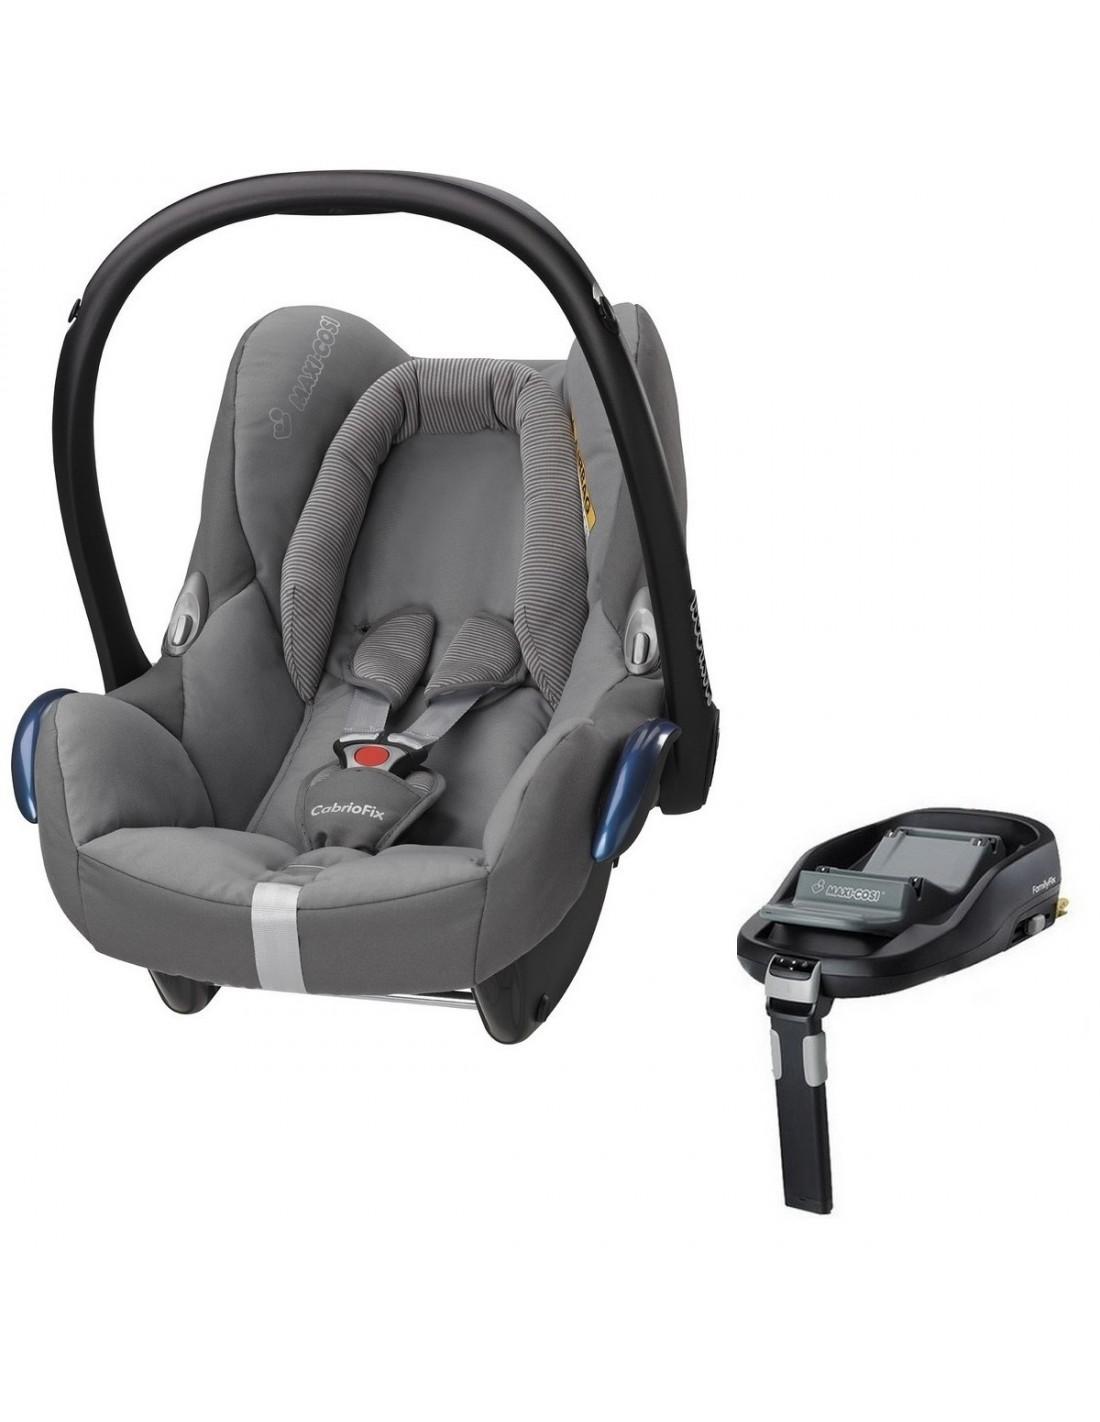 maxi cosi cabrio fix baza family fix bezpieczny fotelik samochodowy dla dzieci noside ko z. Black Bedroom Furniture Sets. Home Design Ideas